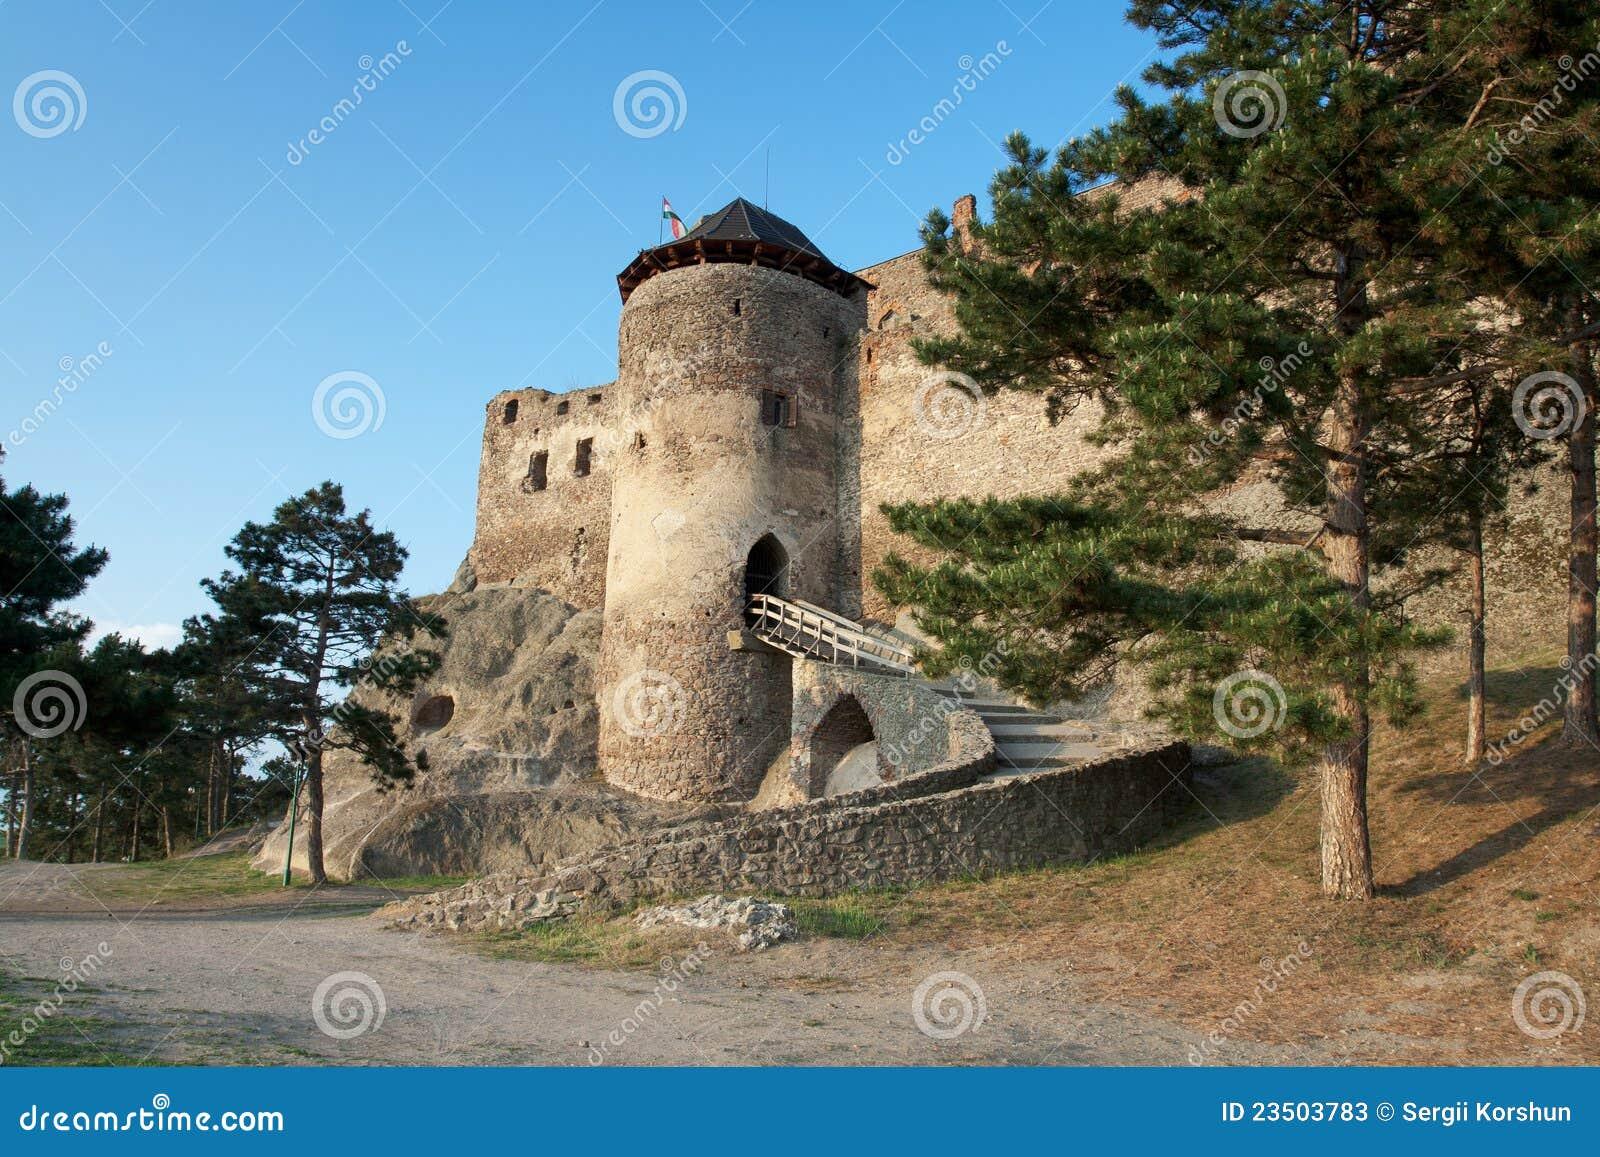 μεσαιωνική περιοχή της Ουγγαρίας κάστρων boldogko tokaj